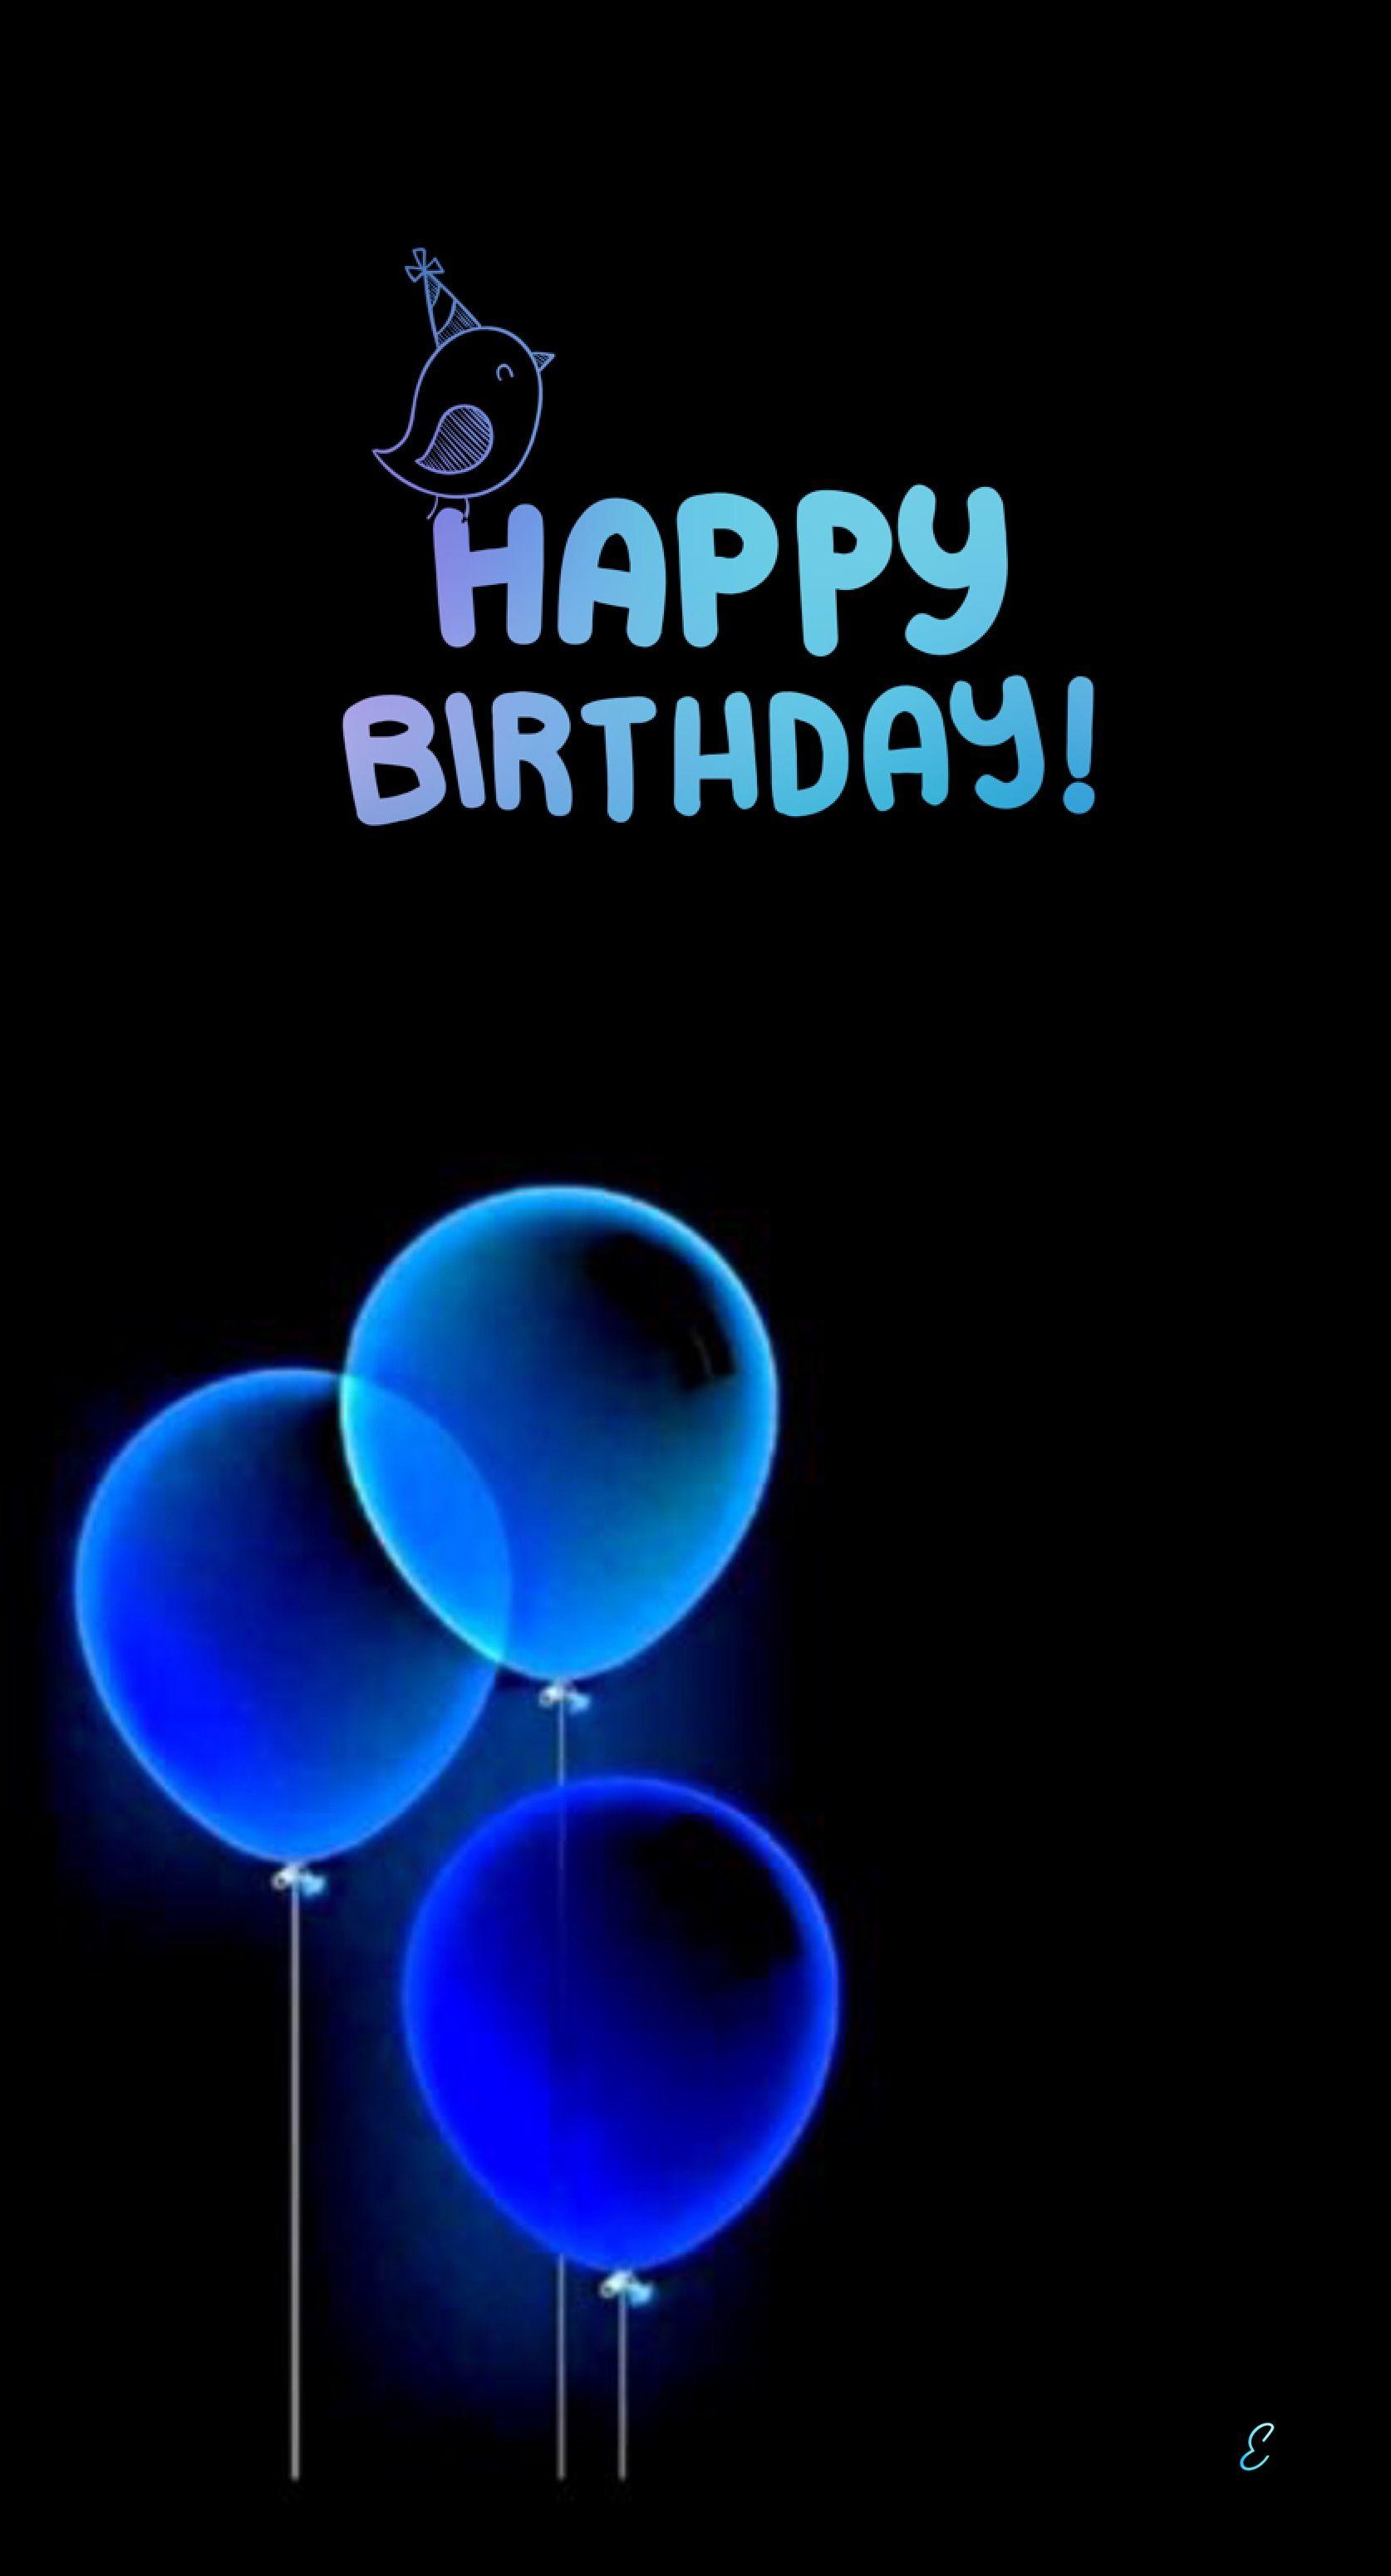 Happy Birthday Happy Birthday Calligraphy Happy Birthday Font Happy Birthday Text